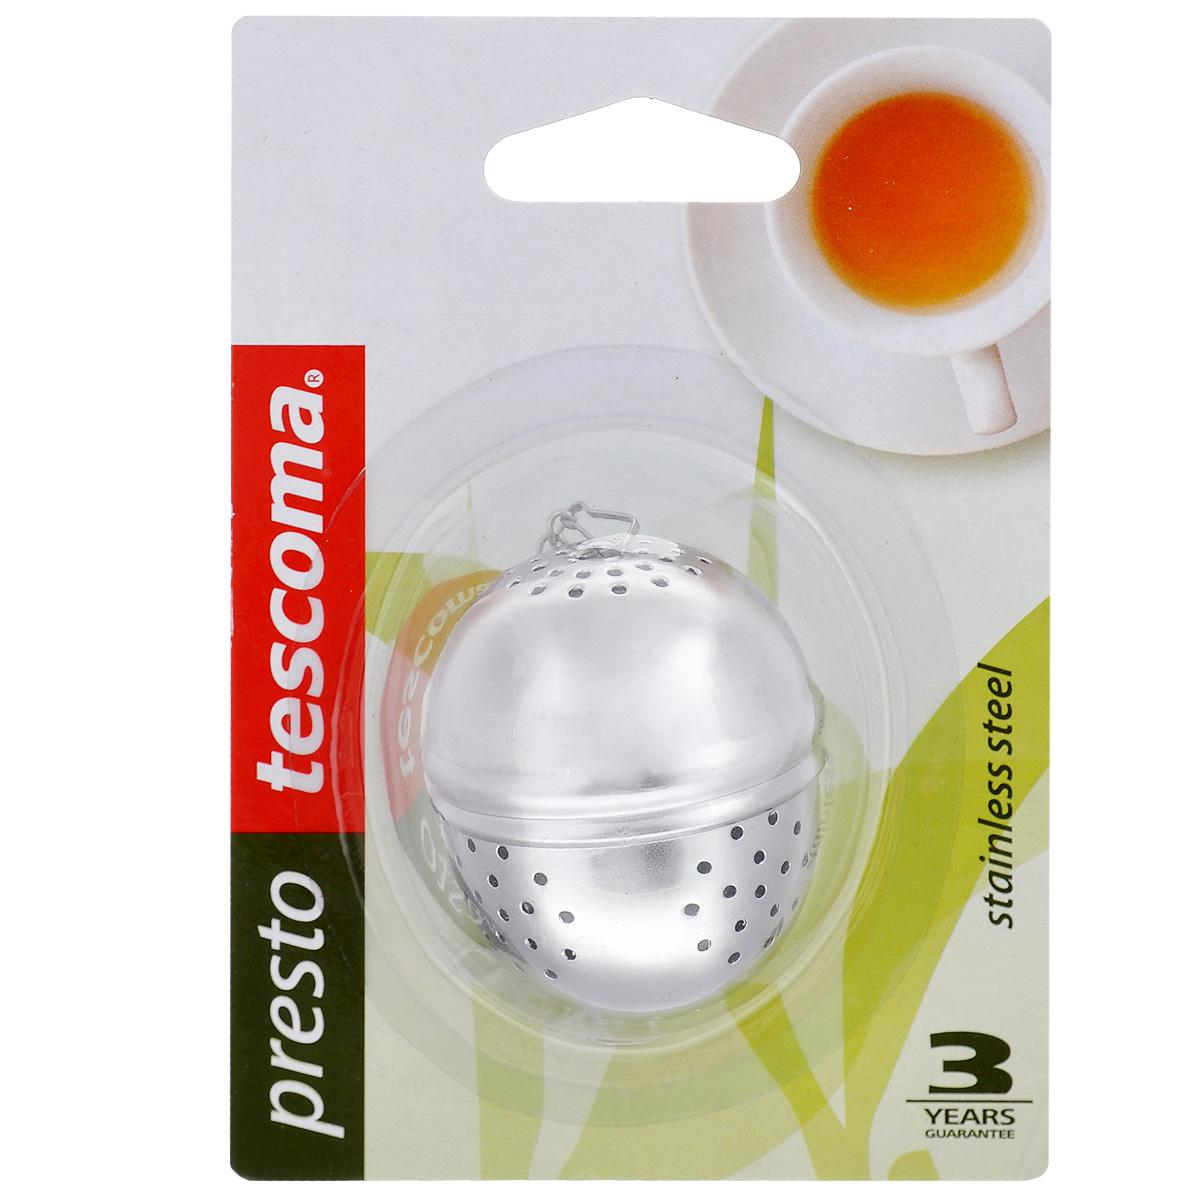 Заварник для чая Tescoma Presto, яйцо420670Заварник для чая Tescoma Presto - это практичный и симпатичный аксессуар для каждой кухни, который используется для приготовления чая, кофе, овощей и кореньев. Выполнен в форме яйца. Заварник изготовлен из благородной нержавеющей стали. Диаметр заварника: 4 см. Высота заварника: 5 см.